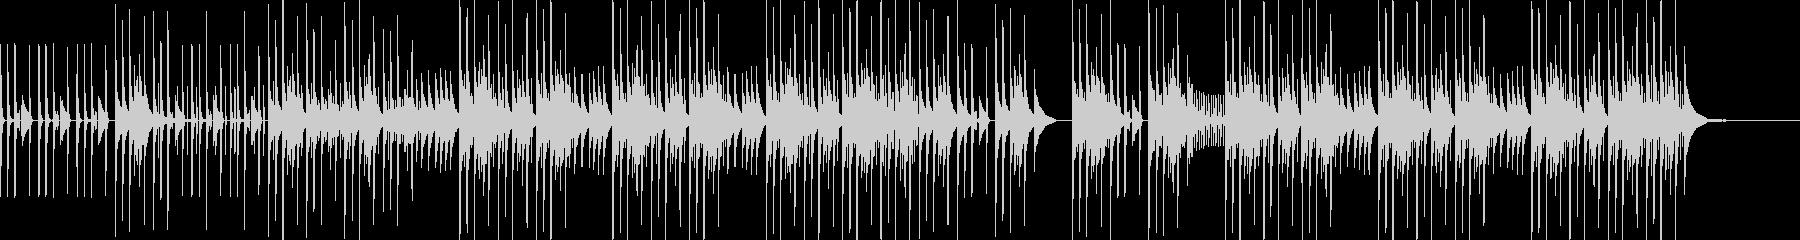 解説などに最適な音数の少ないBGMの未再生の波形